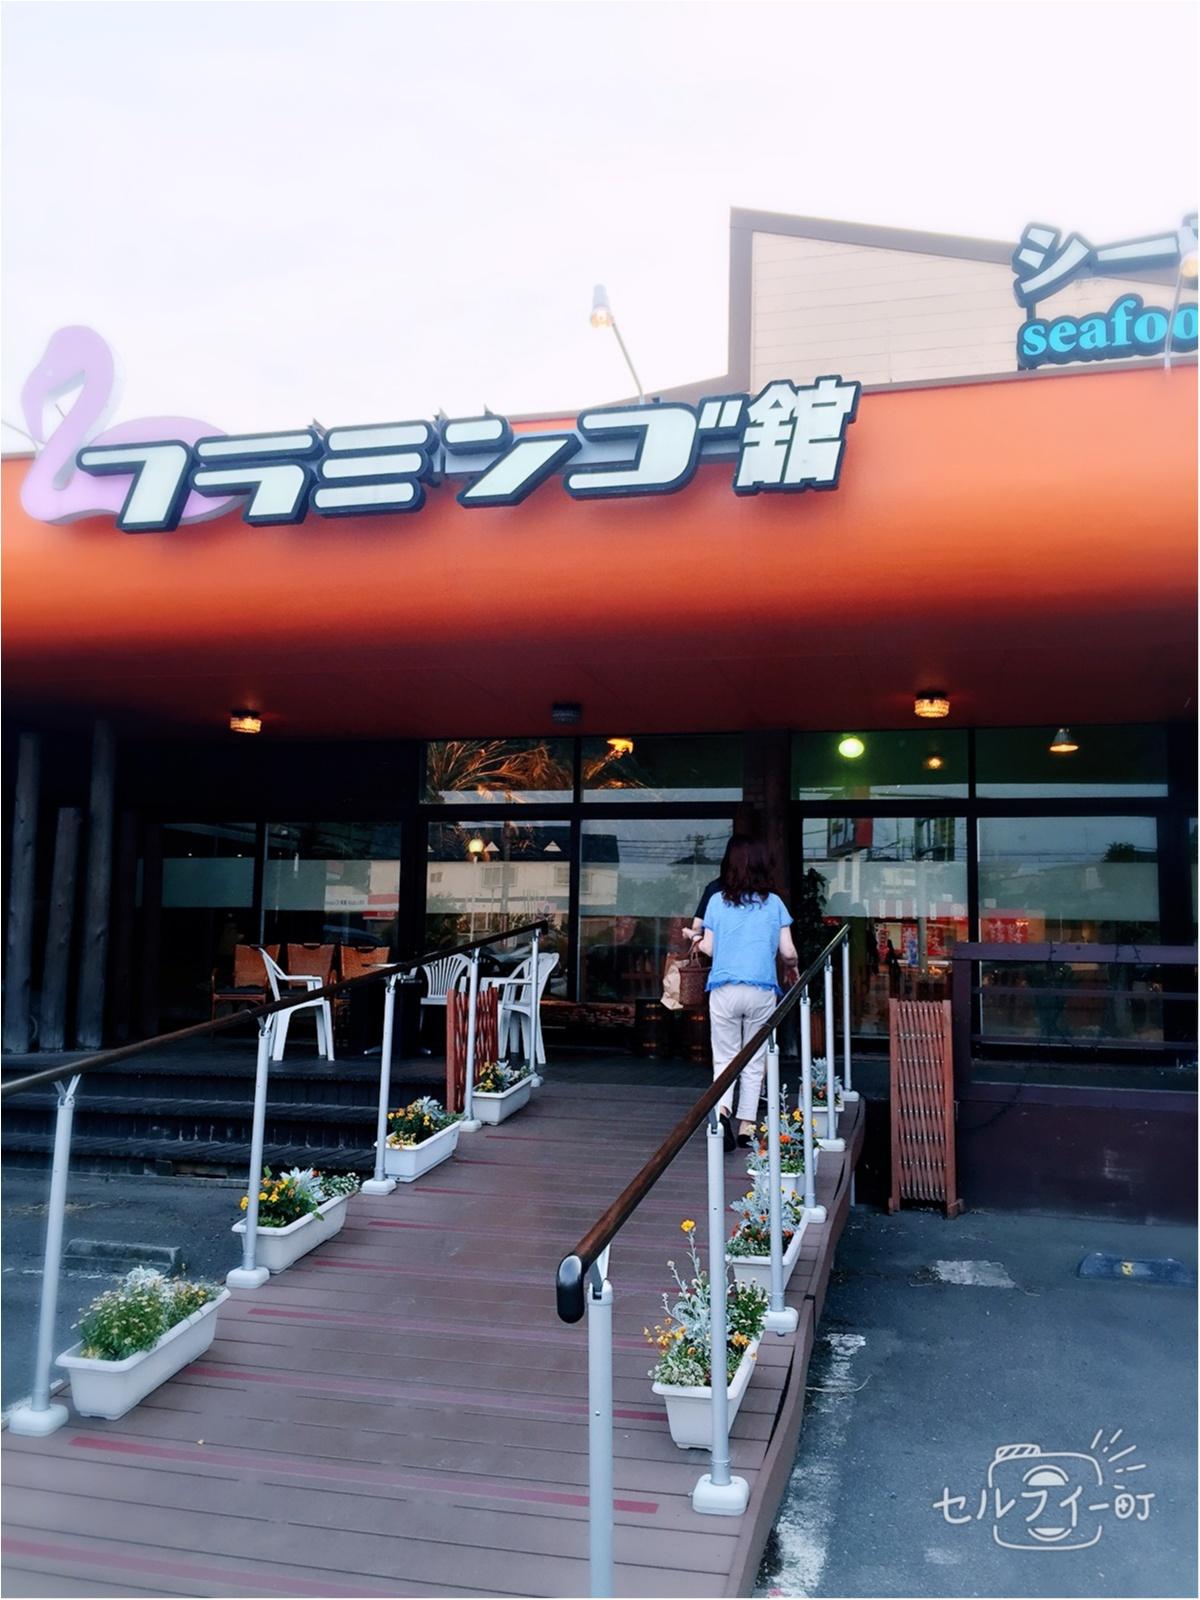 【福島の旅v1】驚愕‼︎フラミンゴが沢山いるカフェで蟹を食べるの巻。_1